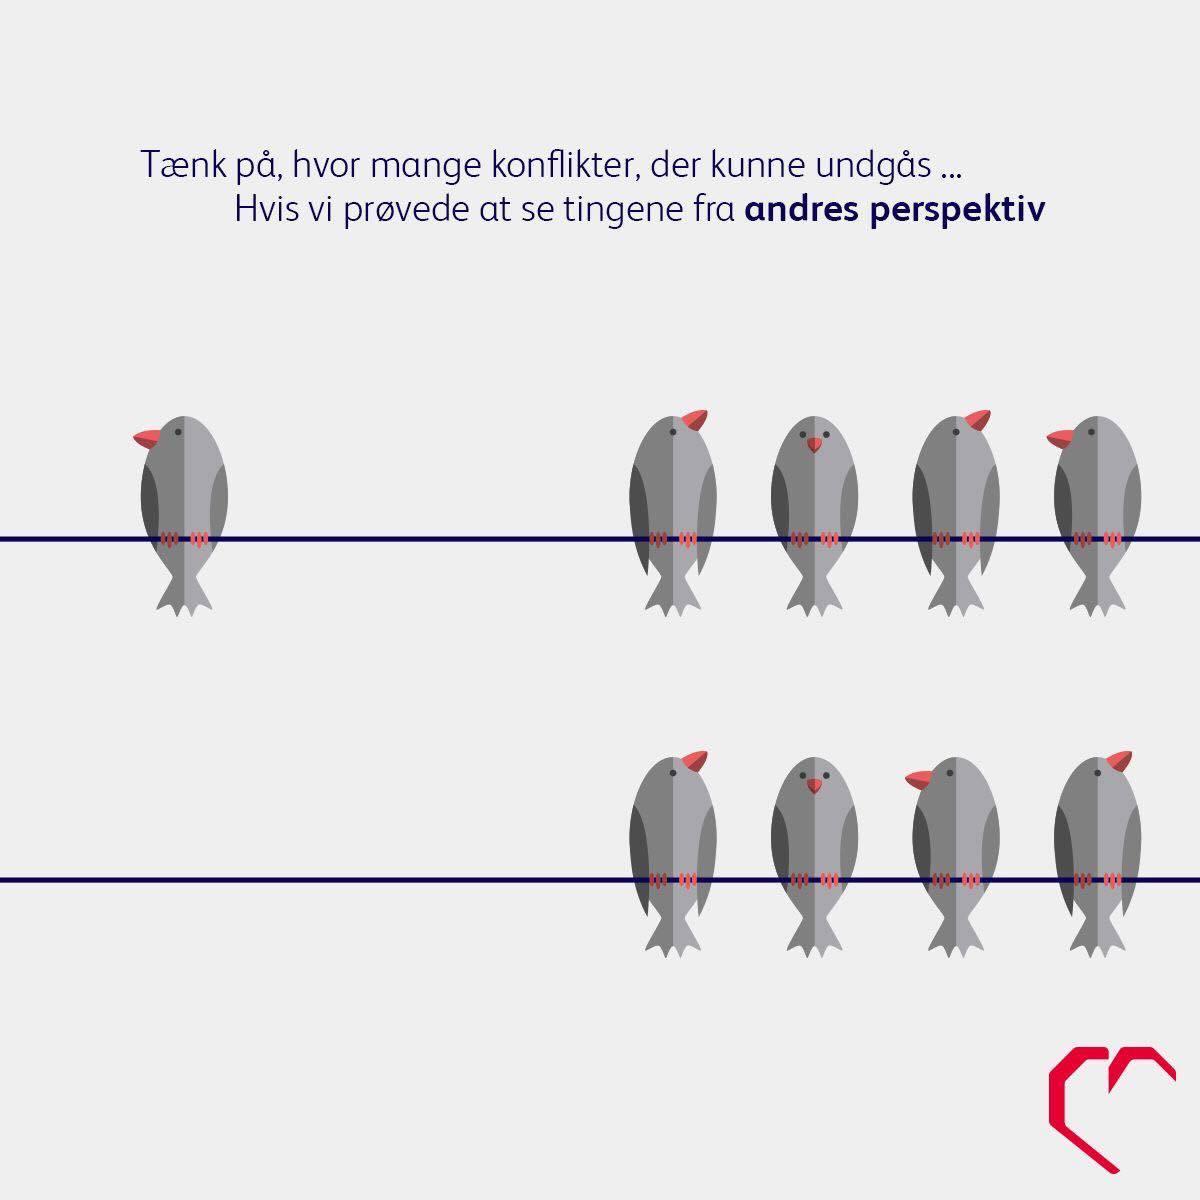 citater om samarbejde motivation   Visdom.dk har samlet de bedste citater, digte  citater om samarbejde